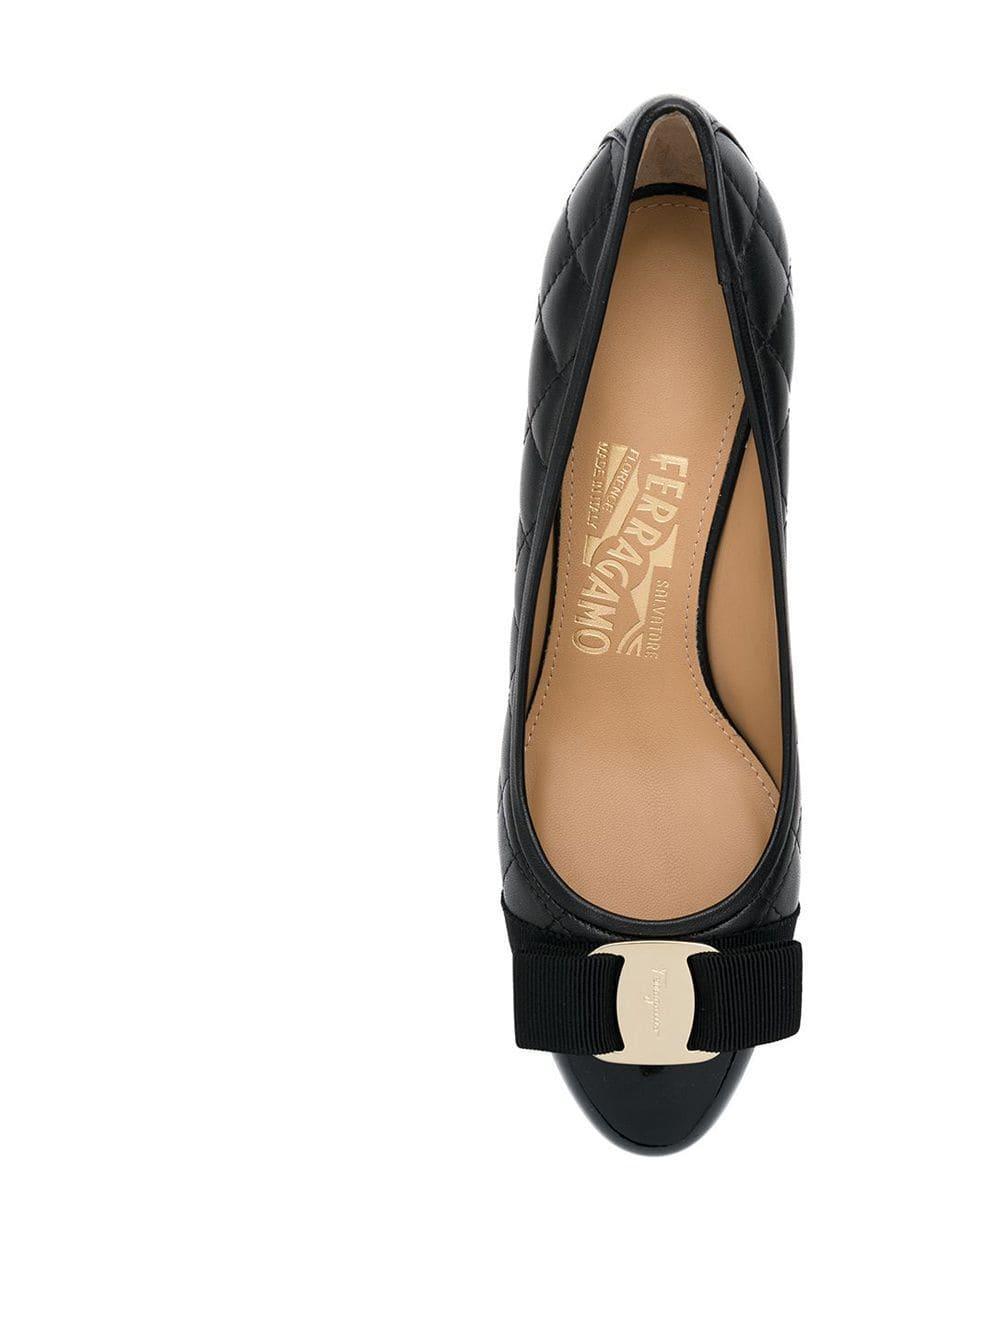 Zapatos de tacón con purpurina y lazo Ferragamo de Cuero de color Negro